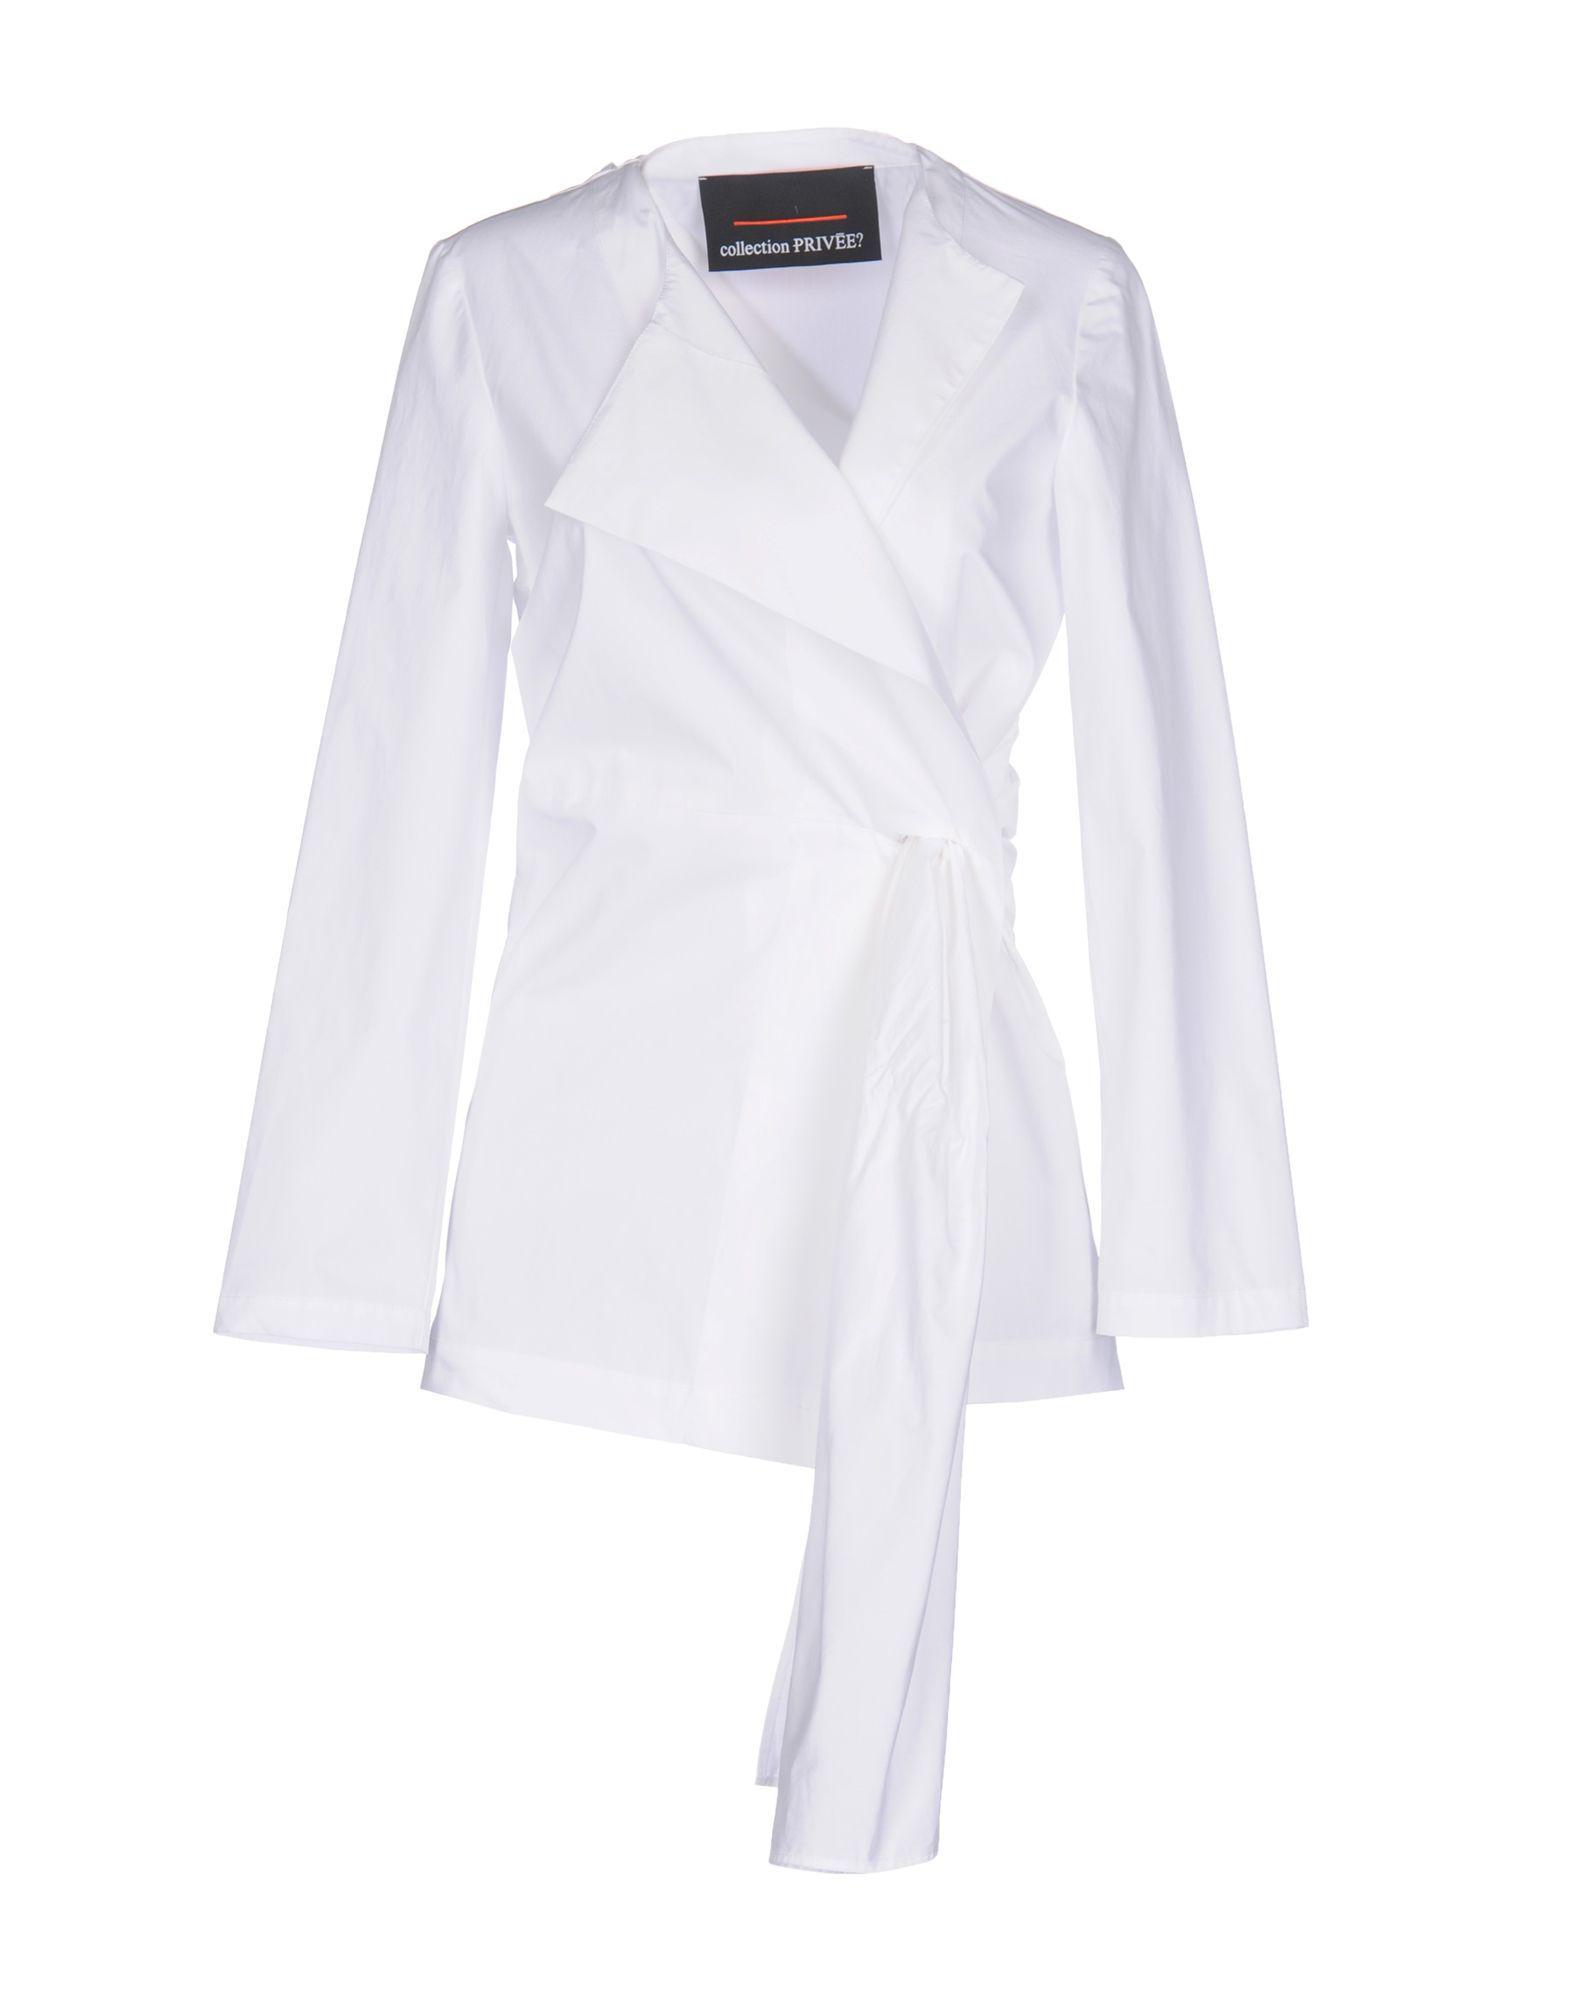 Veste Blanc Lyst Privée Collection en coloris Rqx4BTx